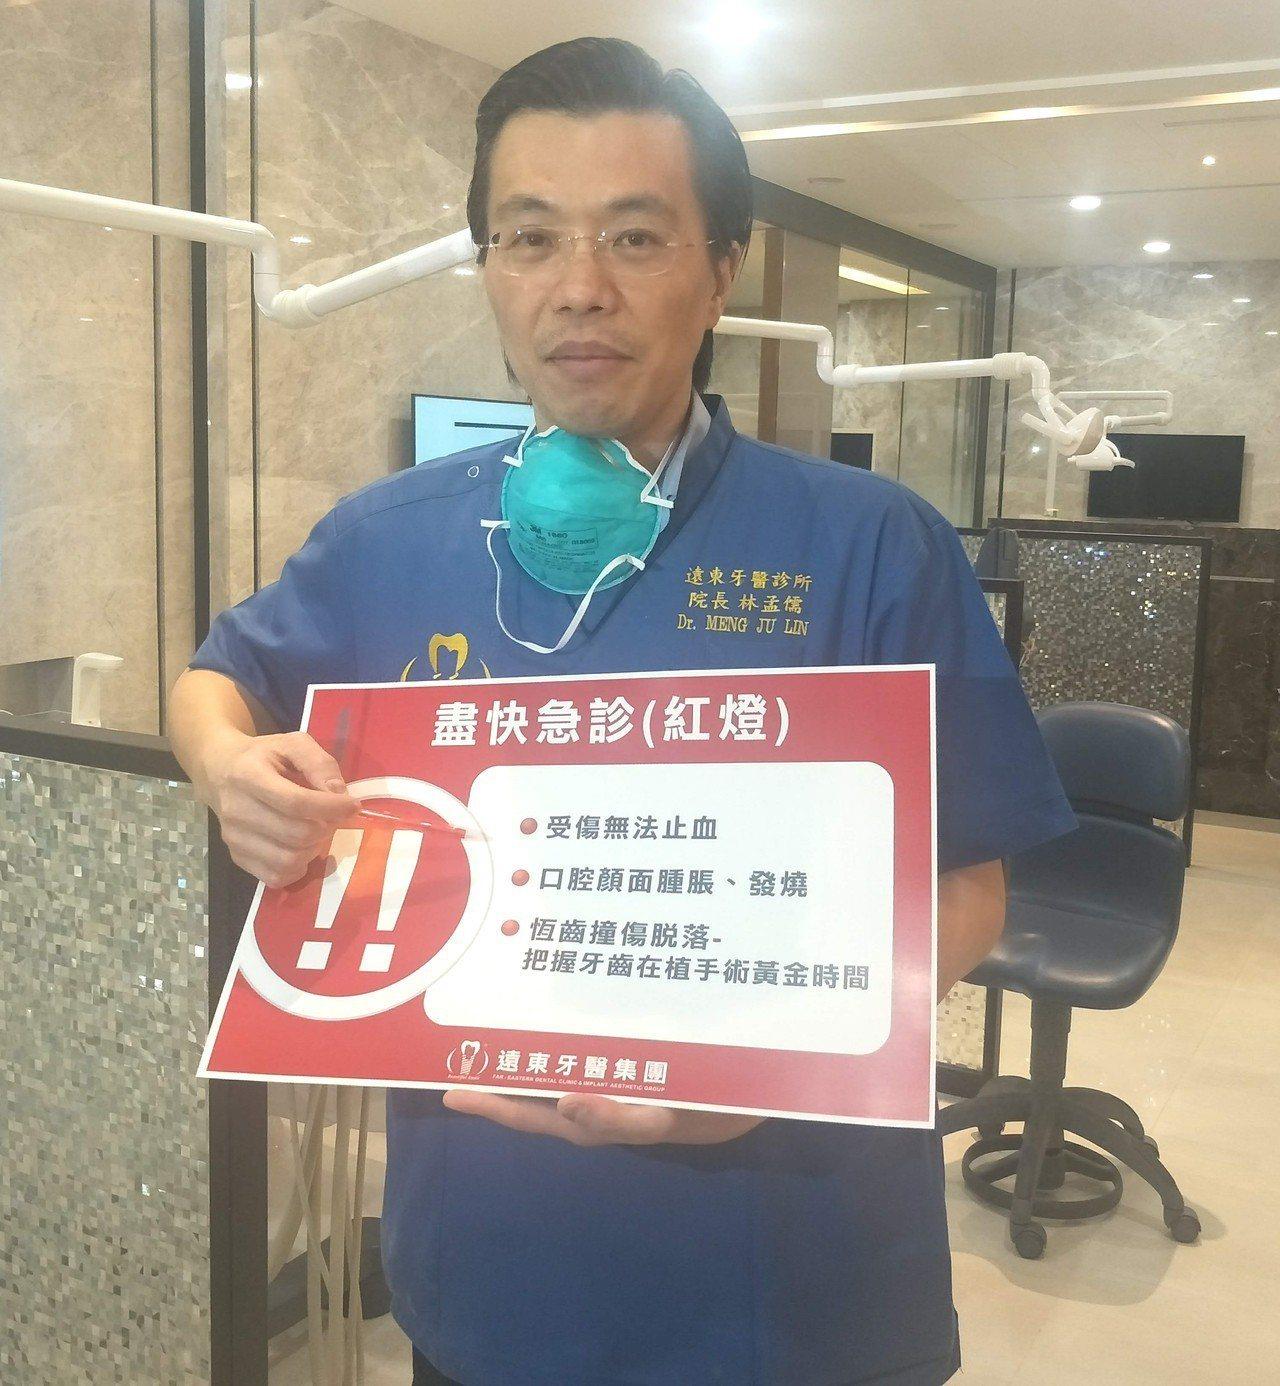 遠東牙醫集團總院長林孟儒以紅黃綠區分牙疾不同症狀教導患者初步判斷第一時間是否須就...